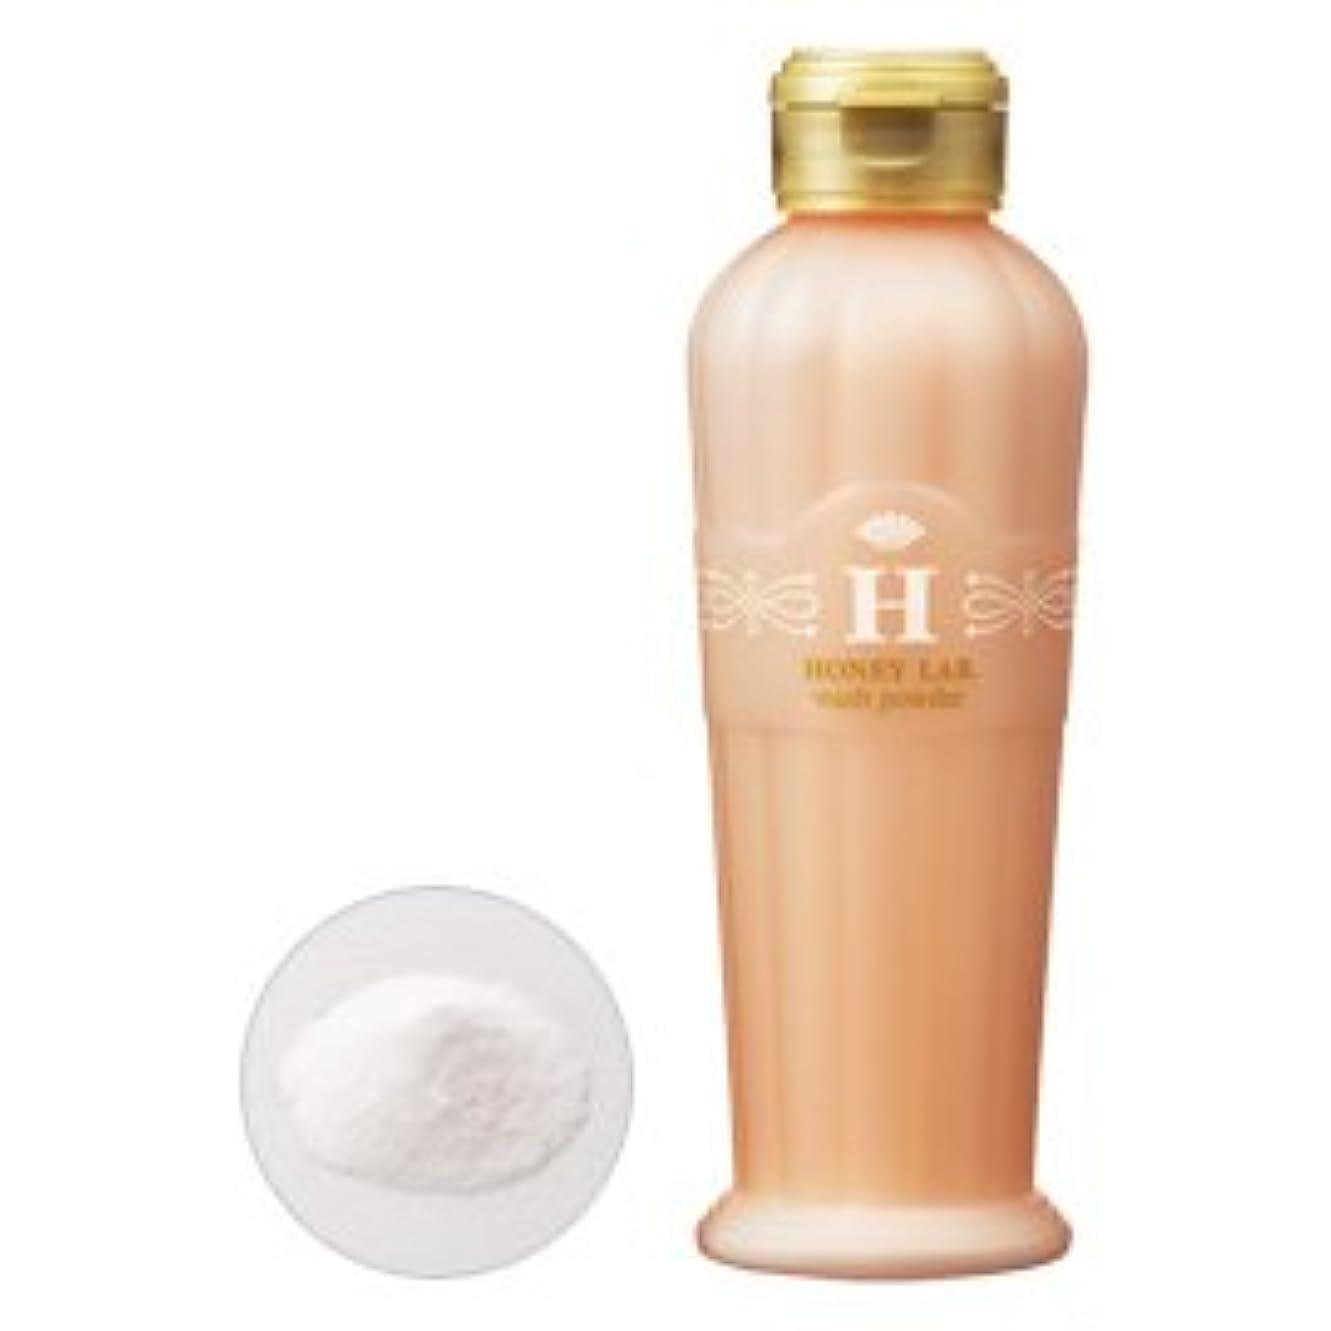 不完全な孤独なベテランハニーラボ 洗顔パウダー 粉末状洗顔料 60g/Honey lab Face Wash Powder <60g>